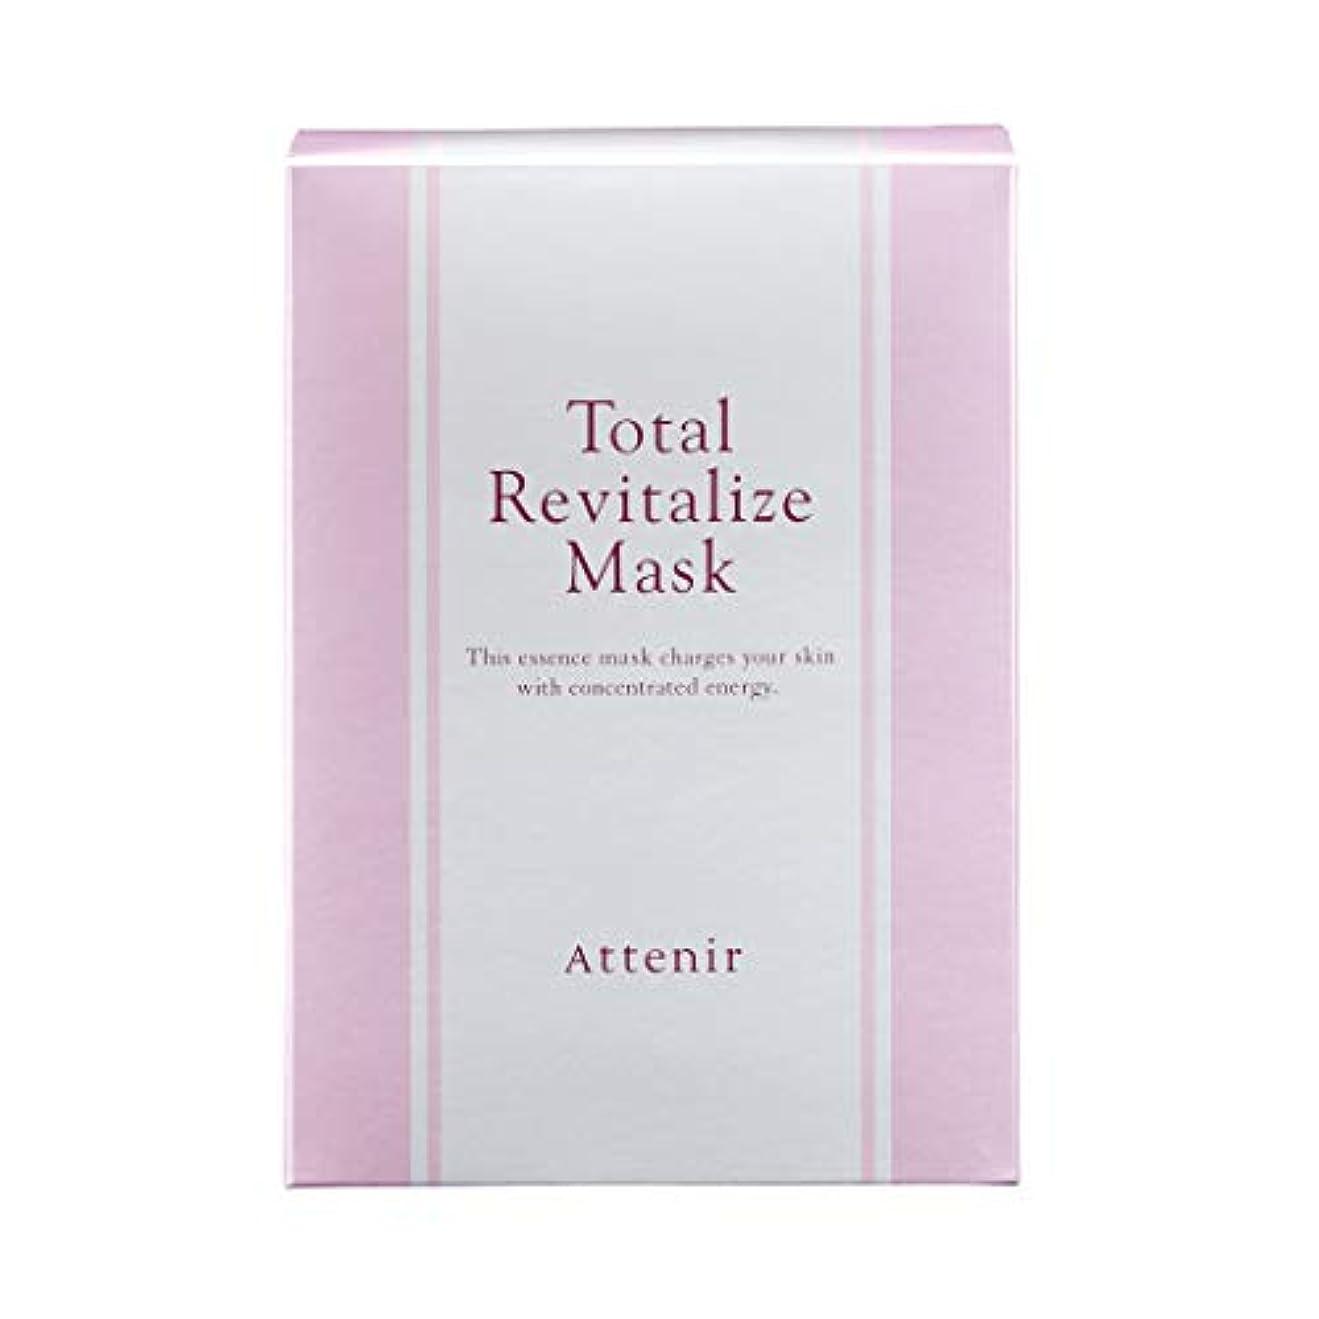 緑おじいちゃん確認するアテニア トータルリヴァイタライズ マスク肌疲労ケアシートマスク 全顔用 6包入り フェイスパック